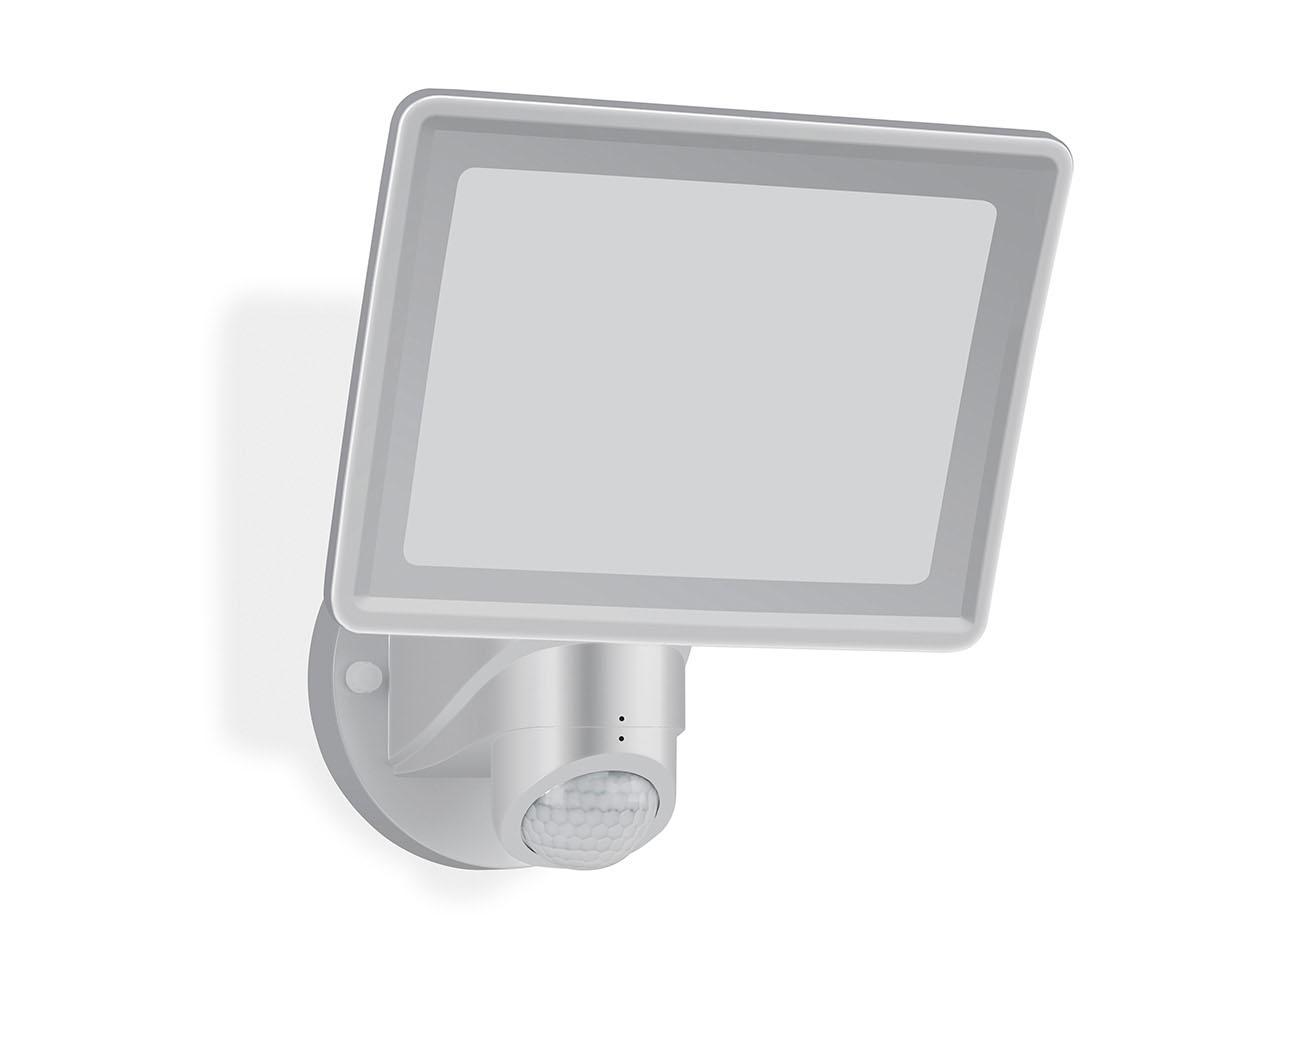 TELEFUNKEN LED Sensor Aussenstrahler, 26,3 cm, 20 W, Silber